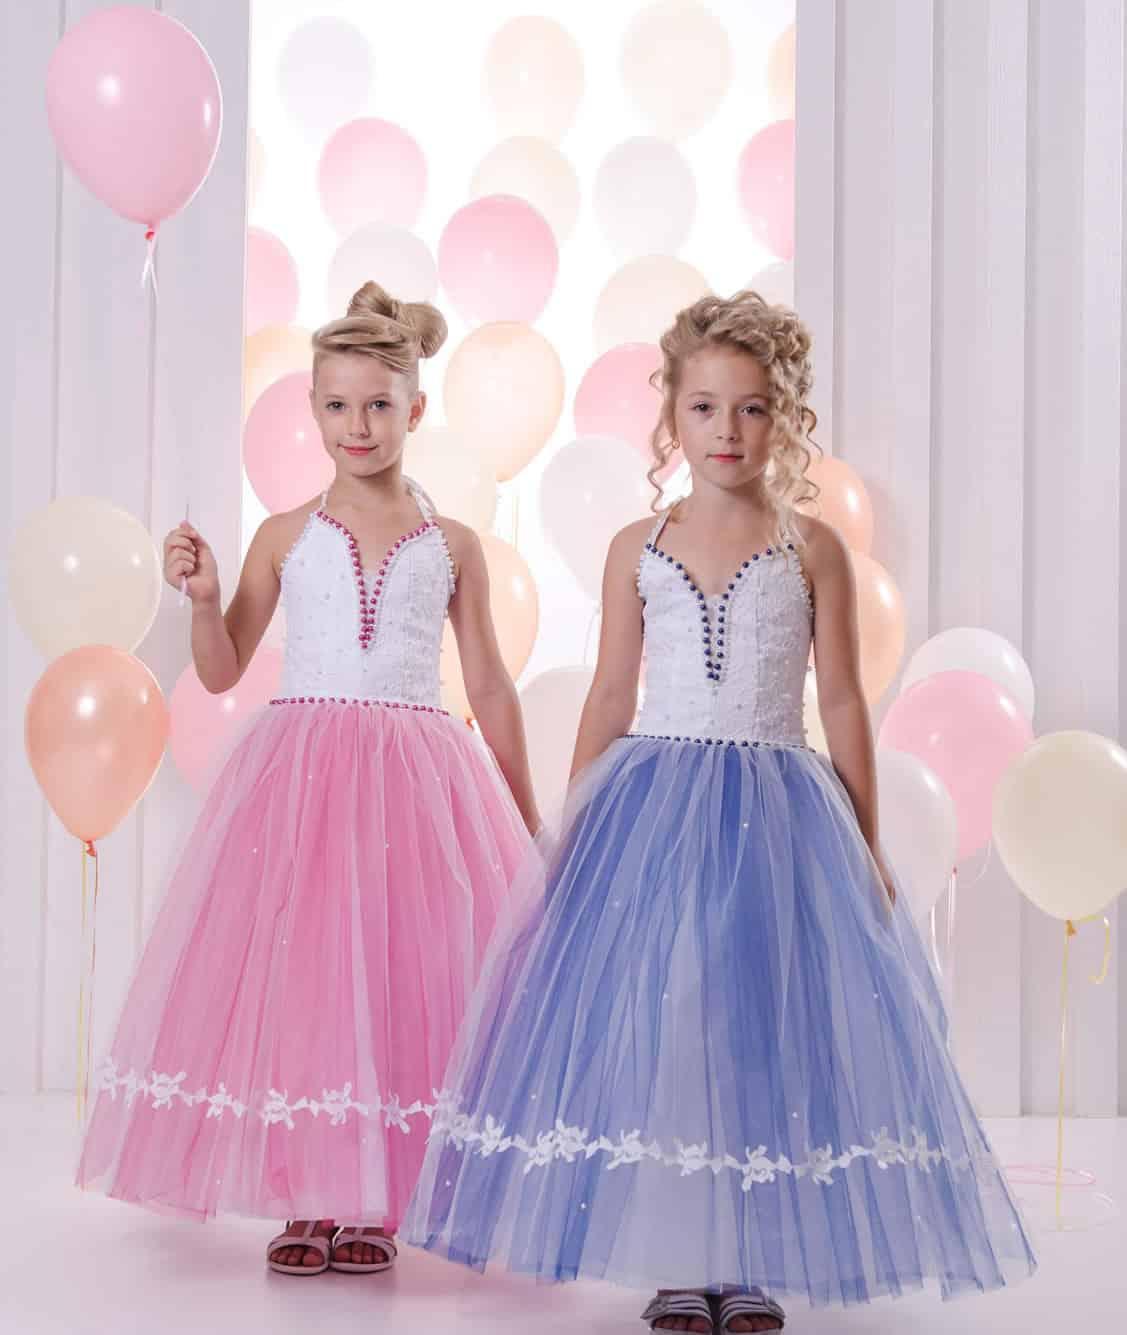 47 Vestidos de Niñas para Fiesta y Boda Elegantes, Bonitos y Modernos